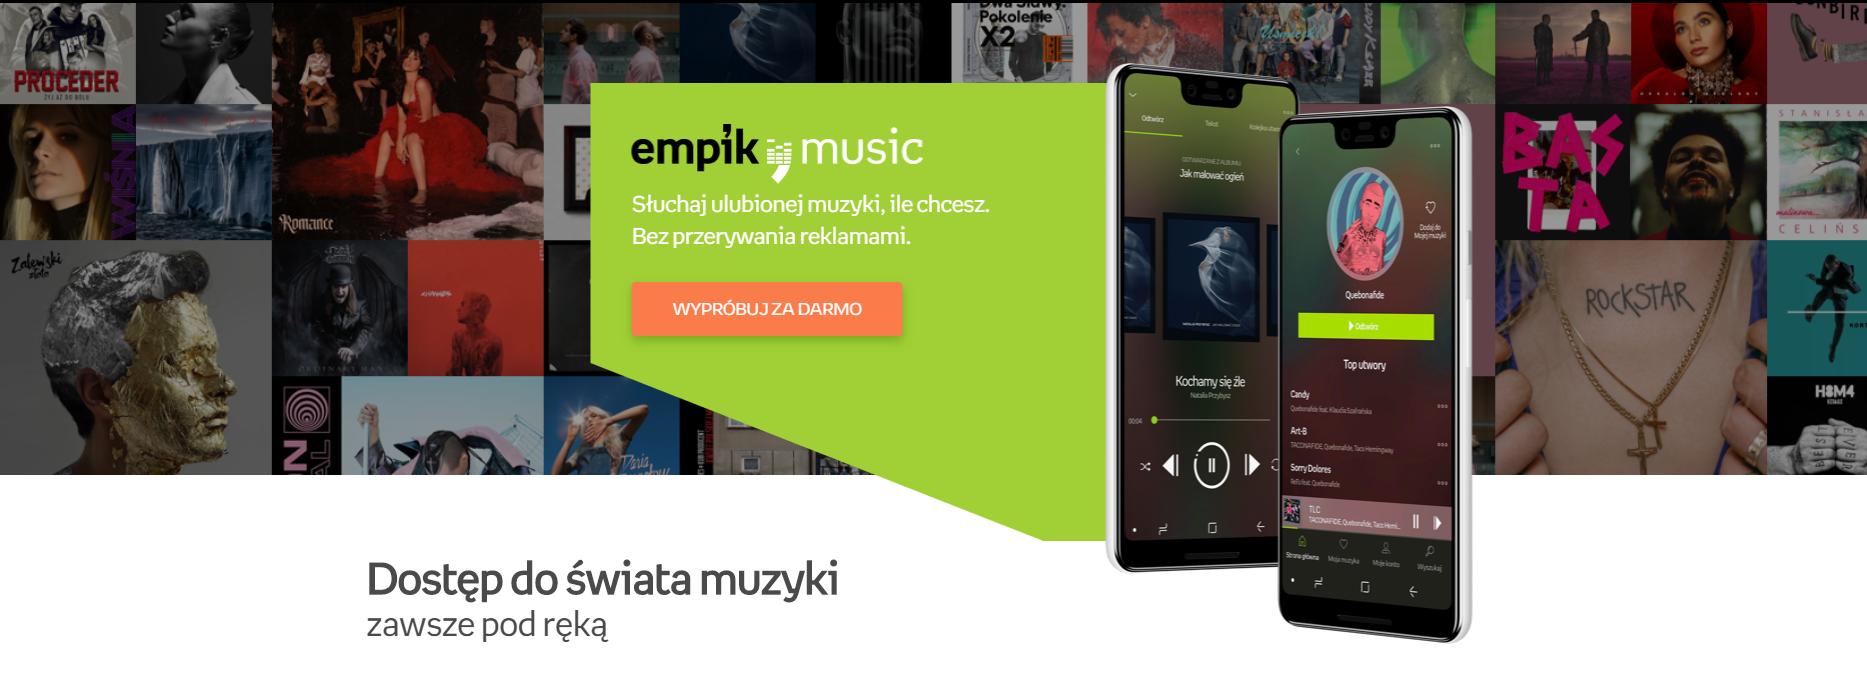 Recenzja EMPIK Music - czy ma szansę w starciu z wielkimi? 21